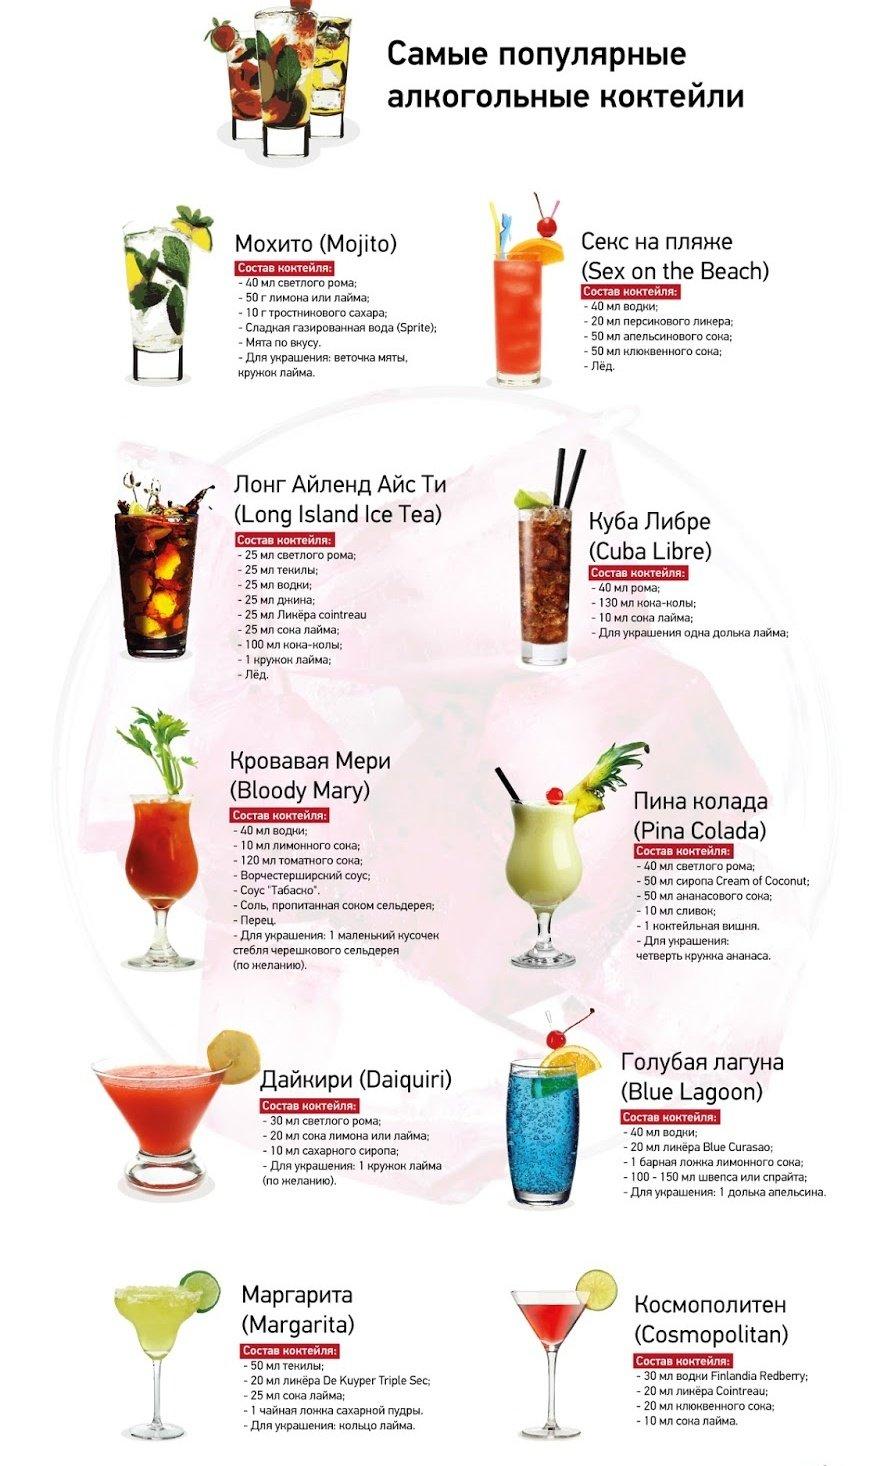 Молочные алкогольные коктейли рецепты